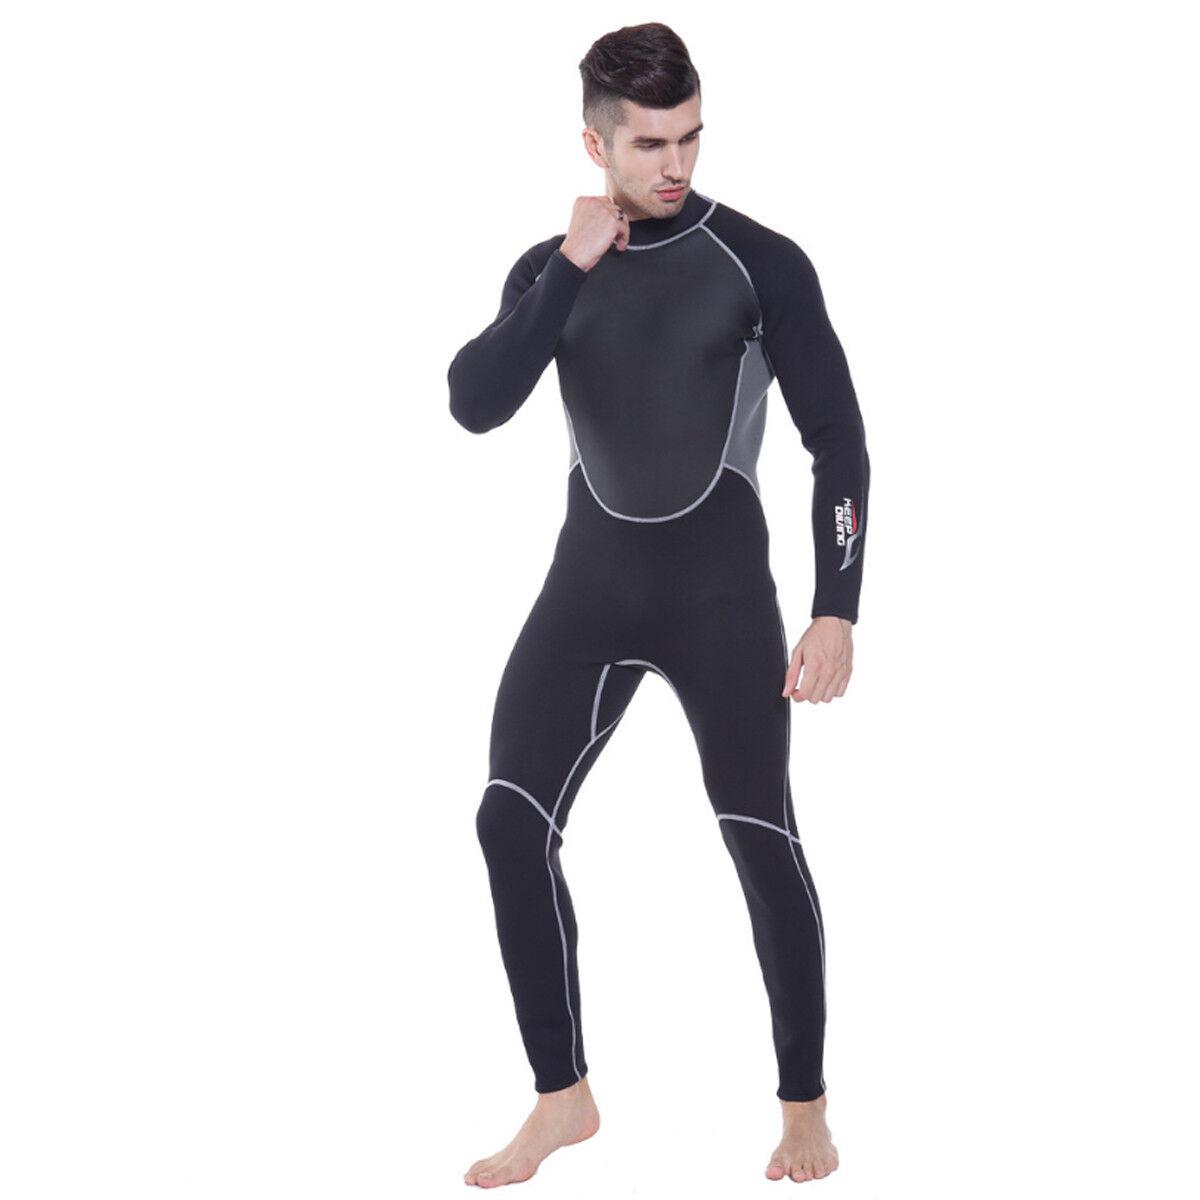 3MM Neoprene Wetsuit  Men Full Body Scuba Diving Surfing Snorkeling Warm Swimsuit  great offers